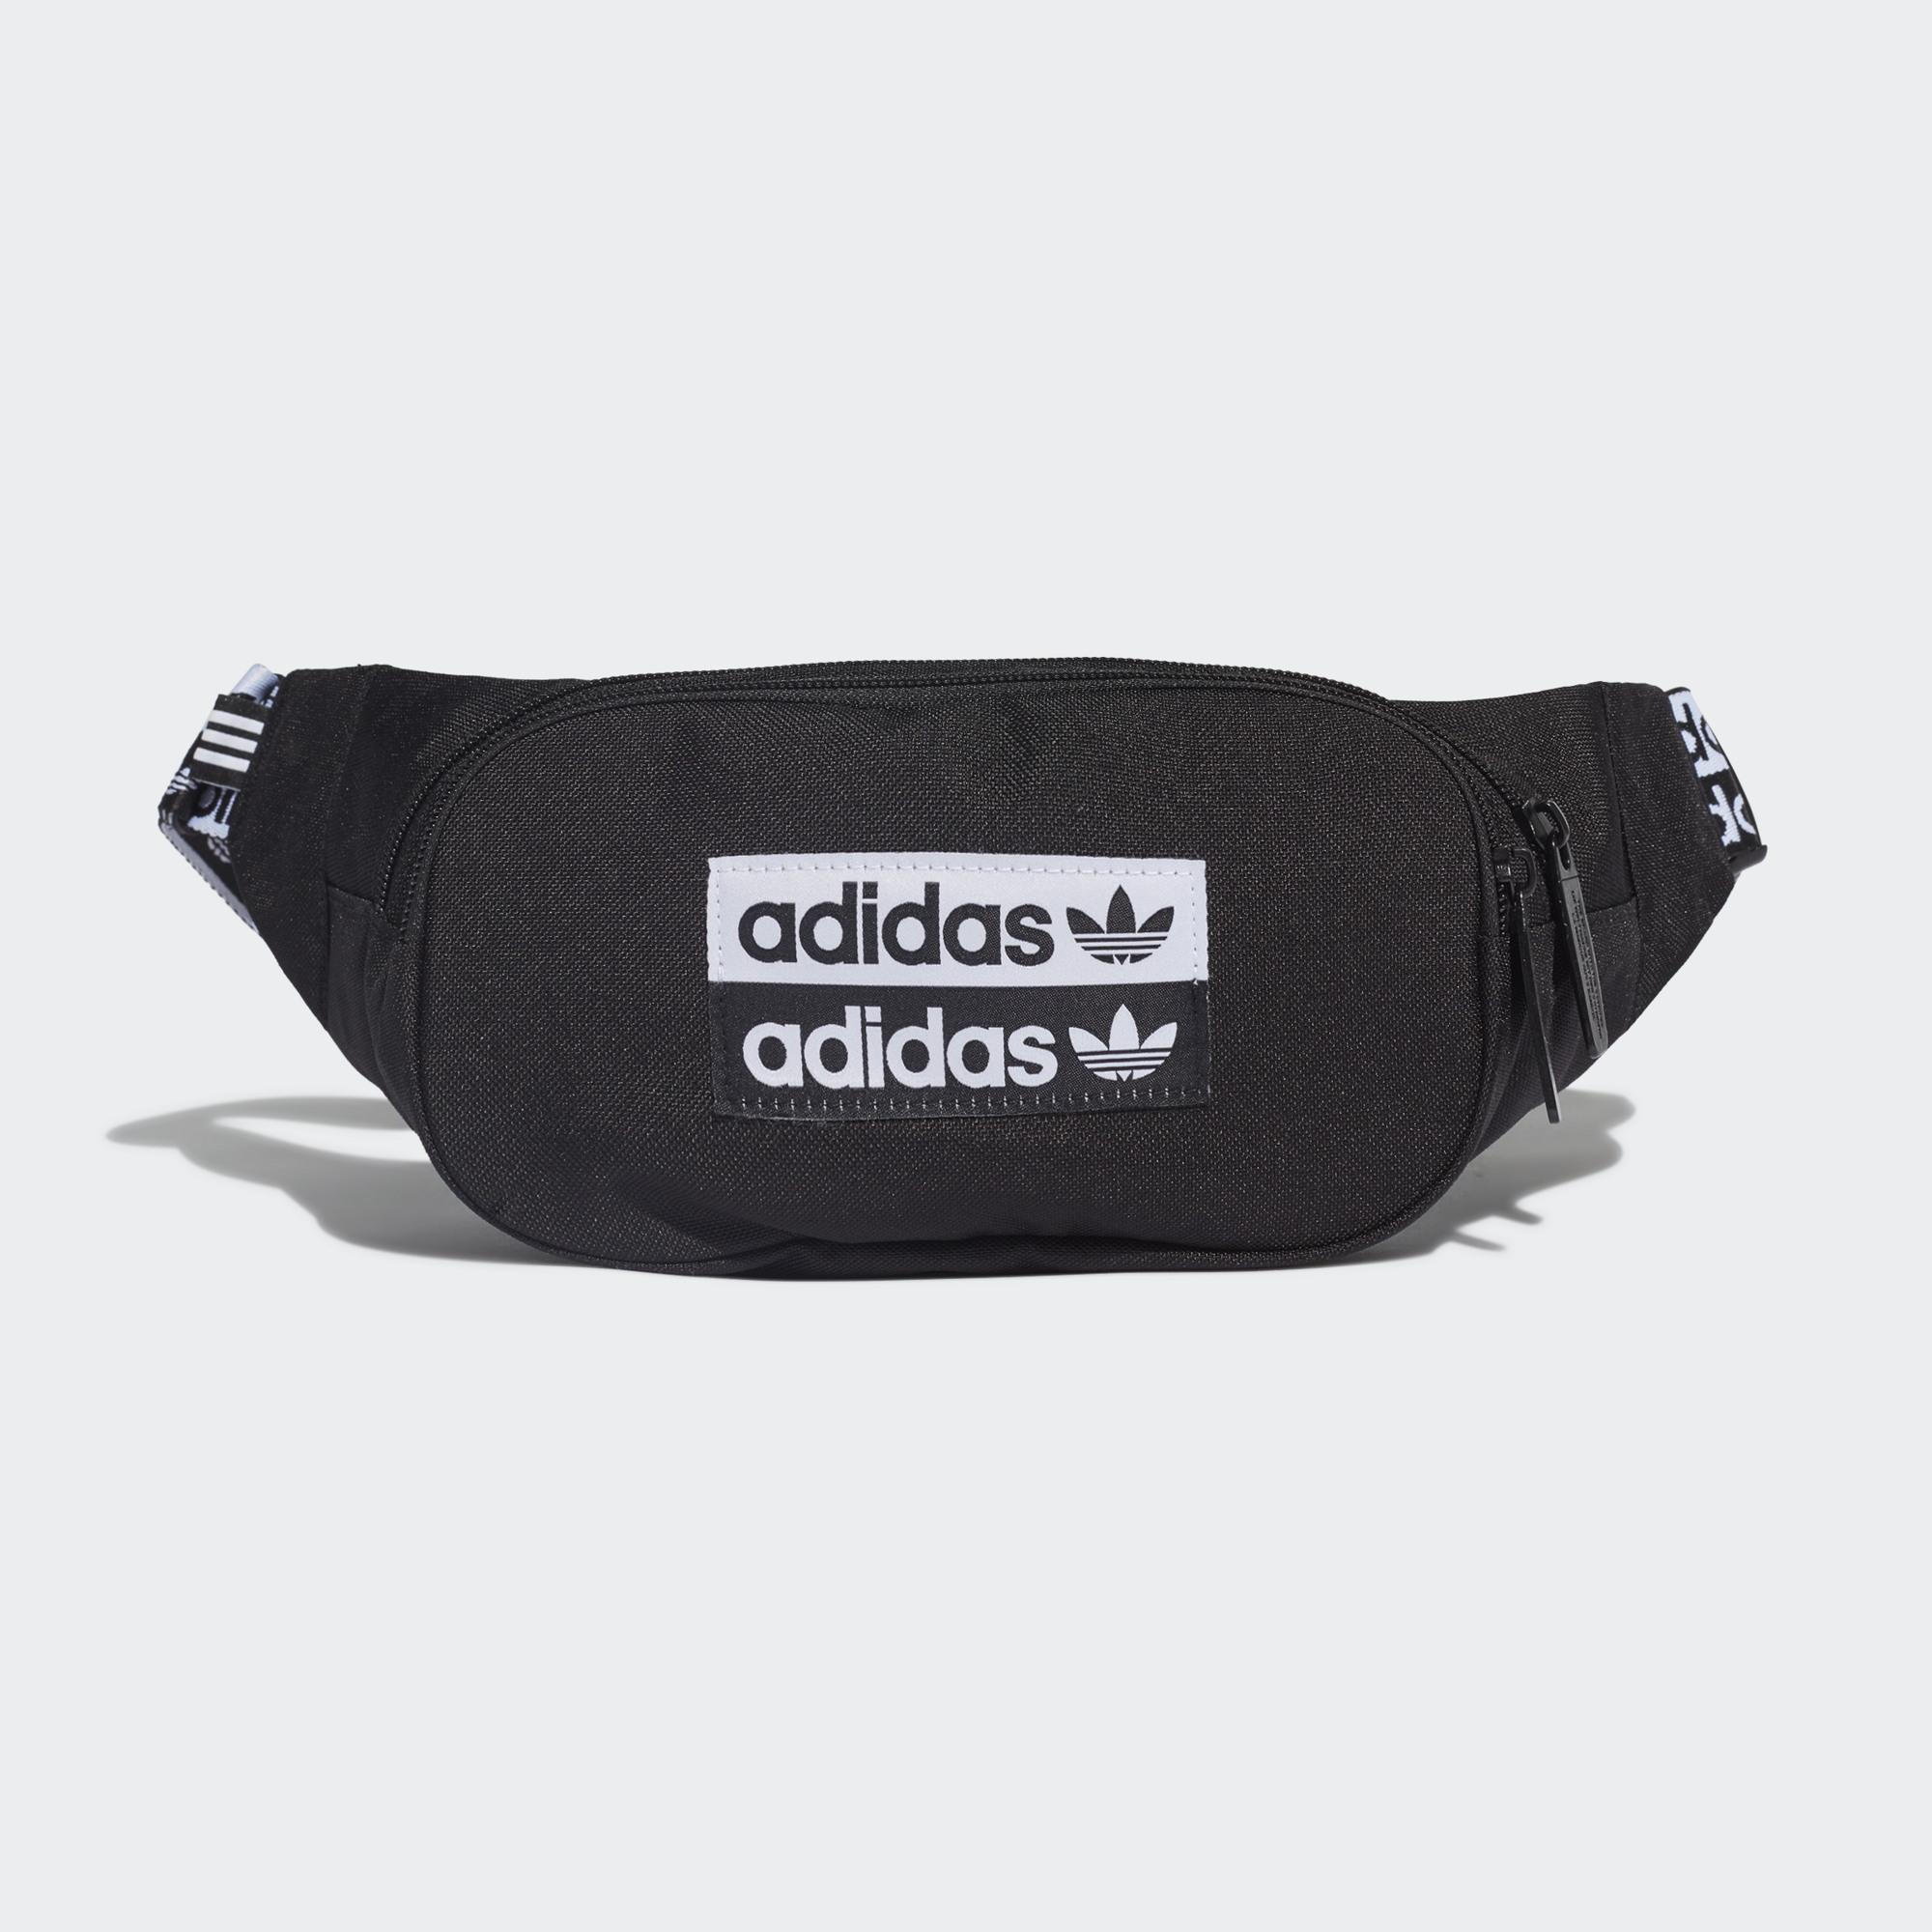 具有搶眼 adidas 字樣的現代包款